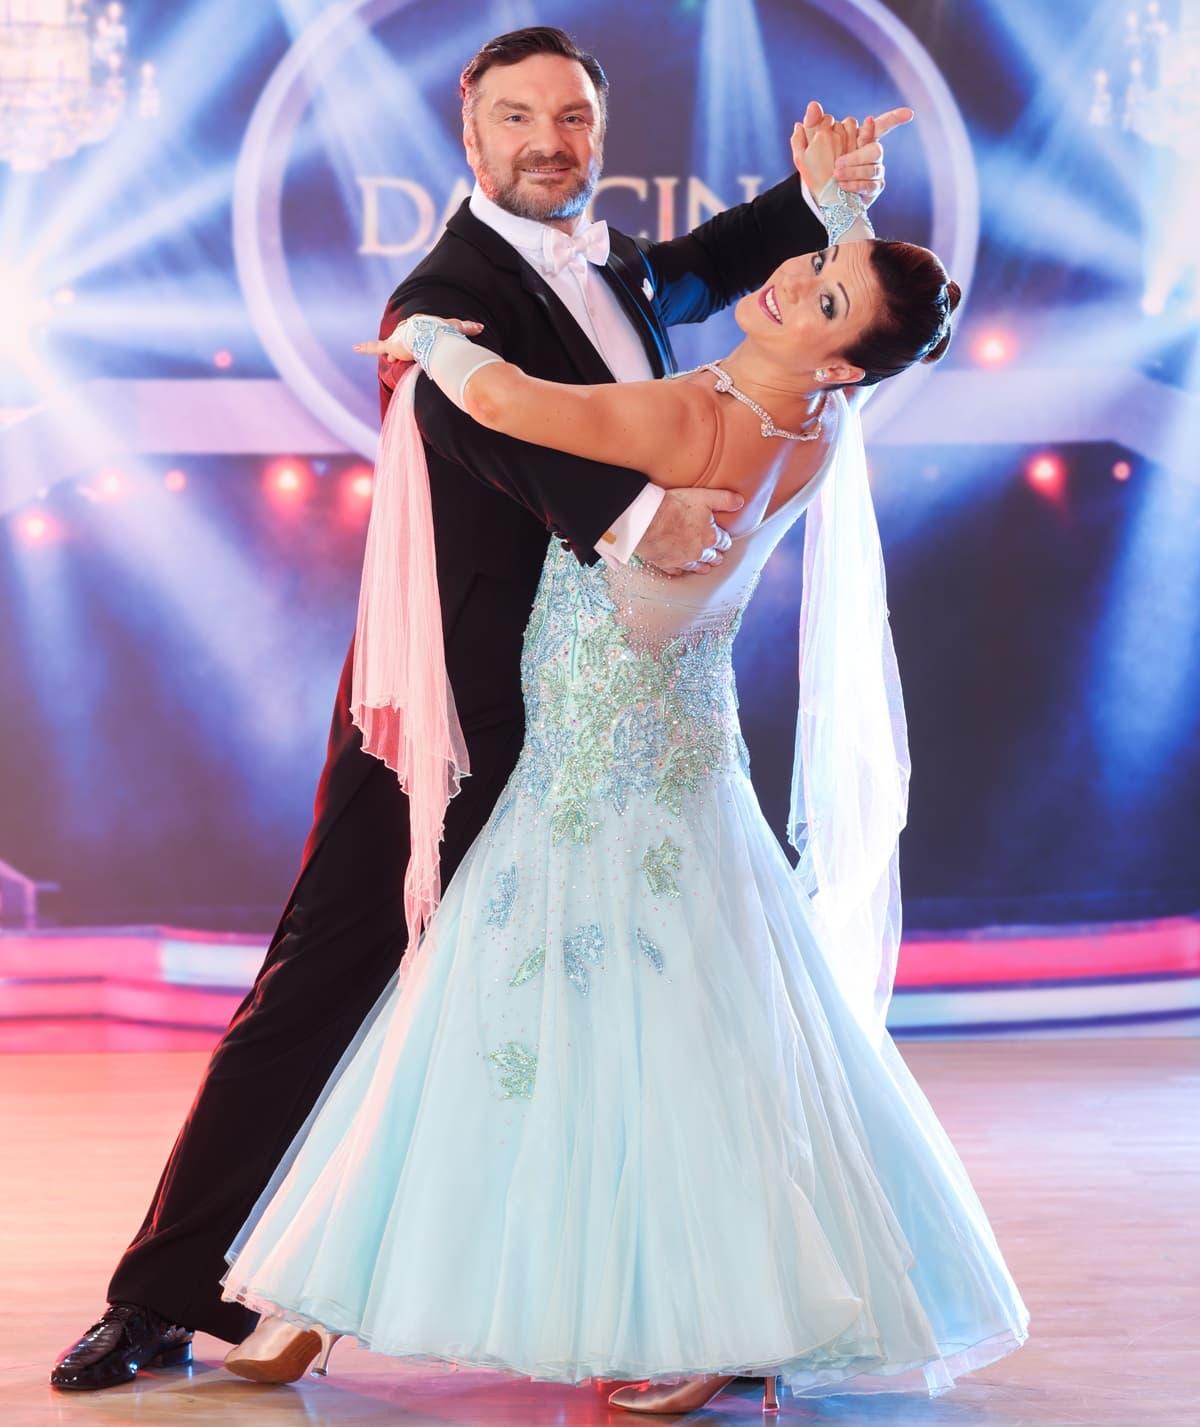 Martin Leutgeb - Manuela Stöckl bei den Dancing Stars am 22.3.2019